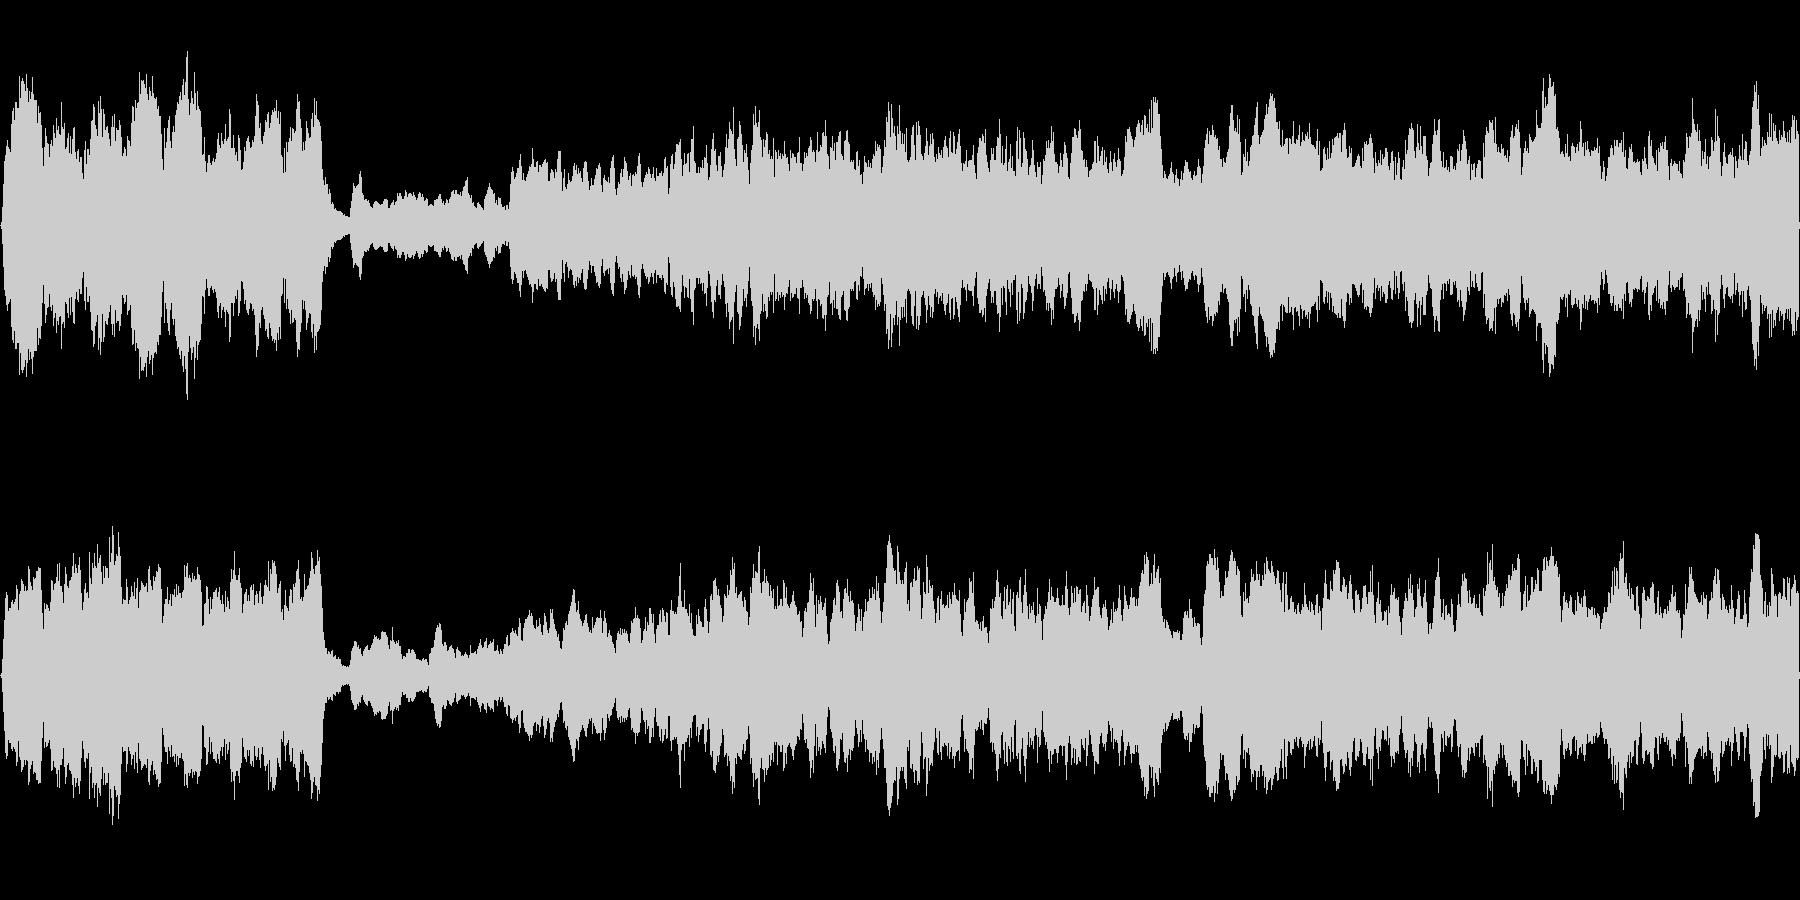 神聖なパイプオルガンのクラシックの未再生の波形